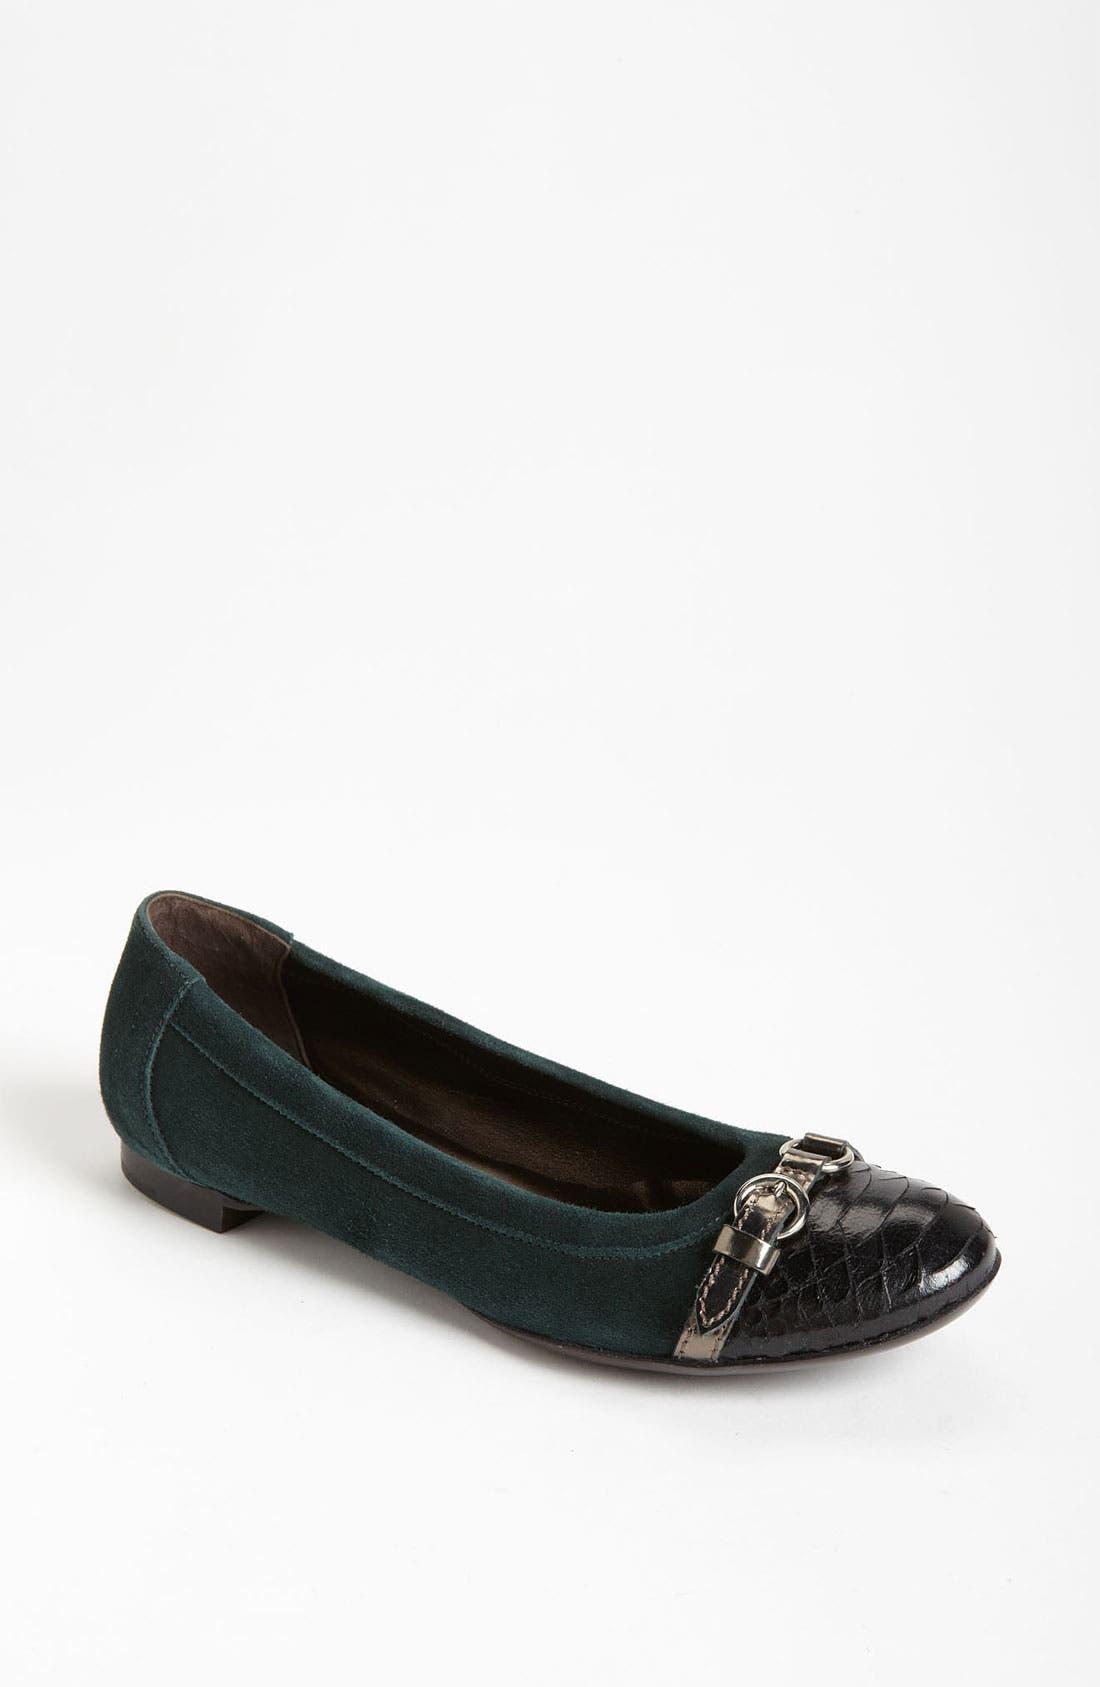 Main Image - AGL Cap Toe Ballerina Flat (Women)